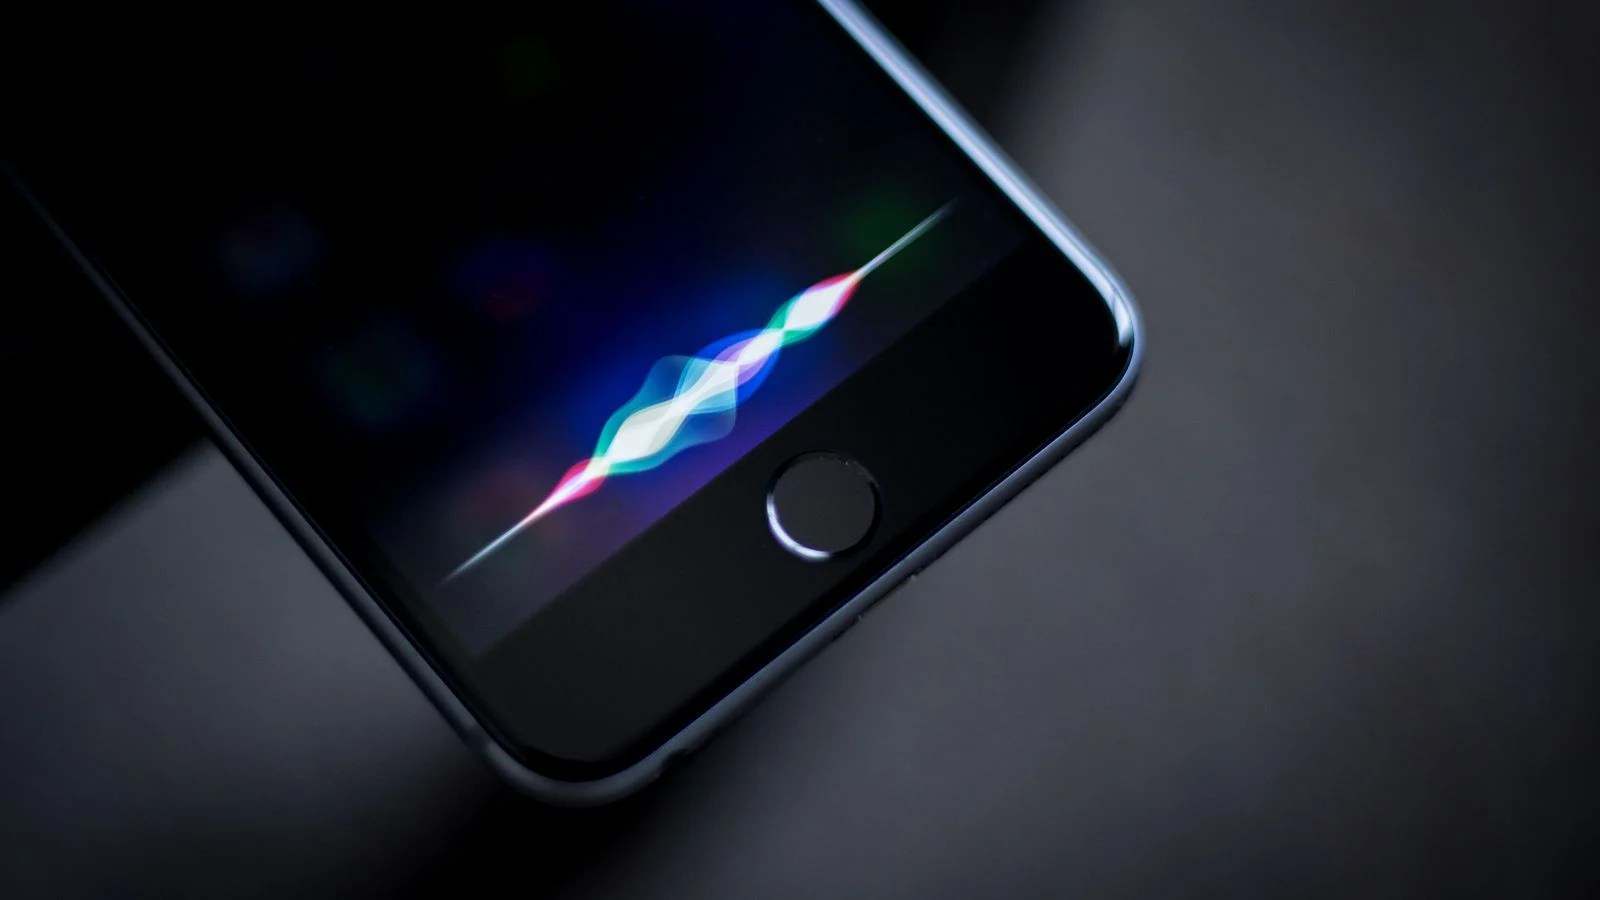 Qué tan seguro es tener Siri y/o Google Now activo en su teléfono? - TECHcetera